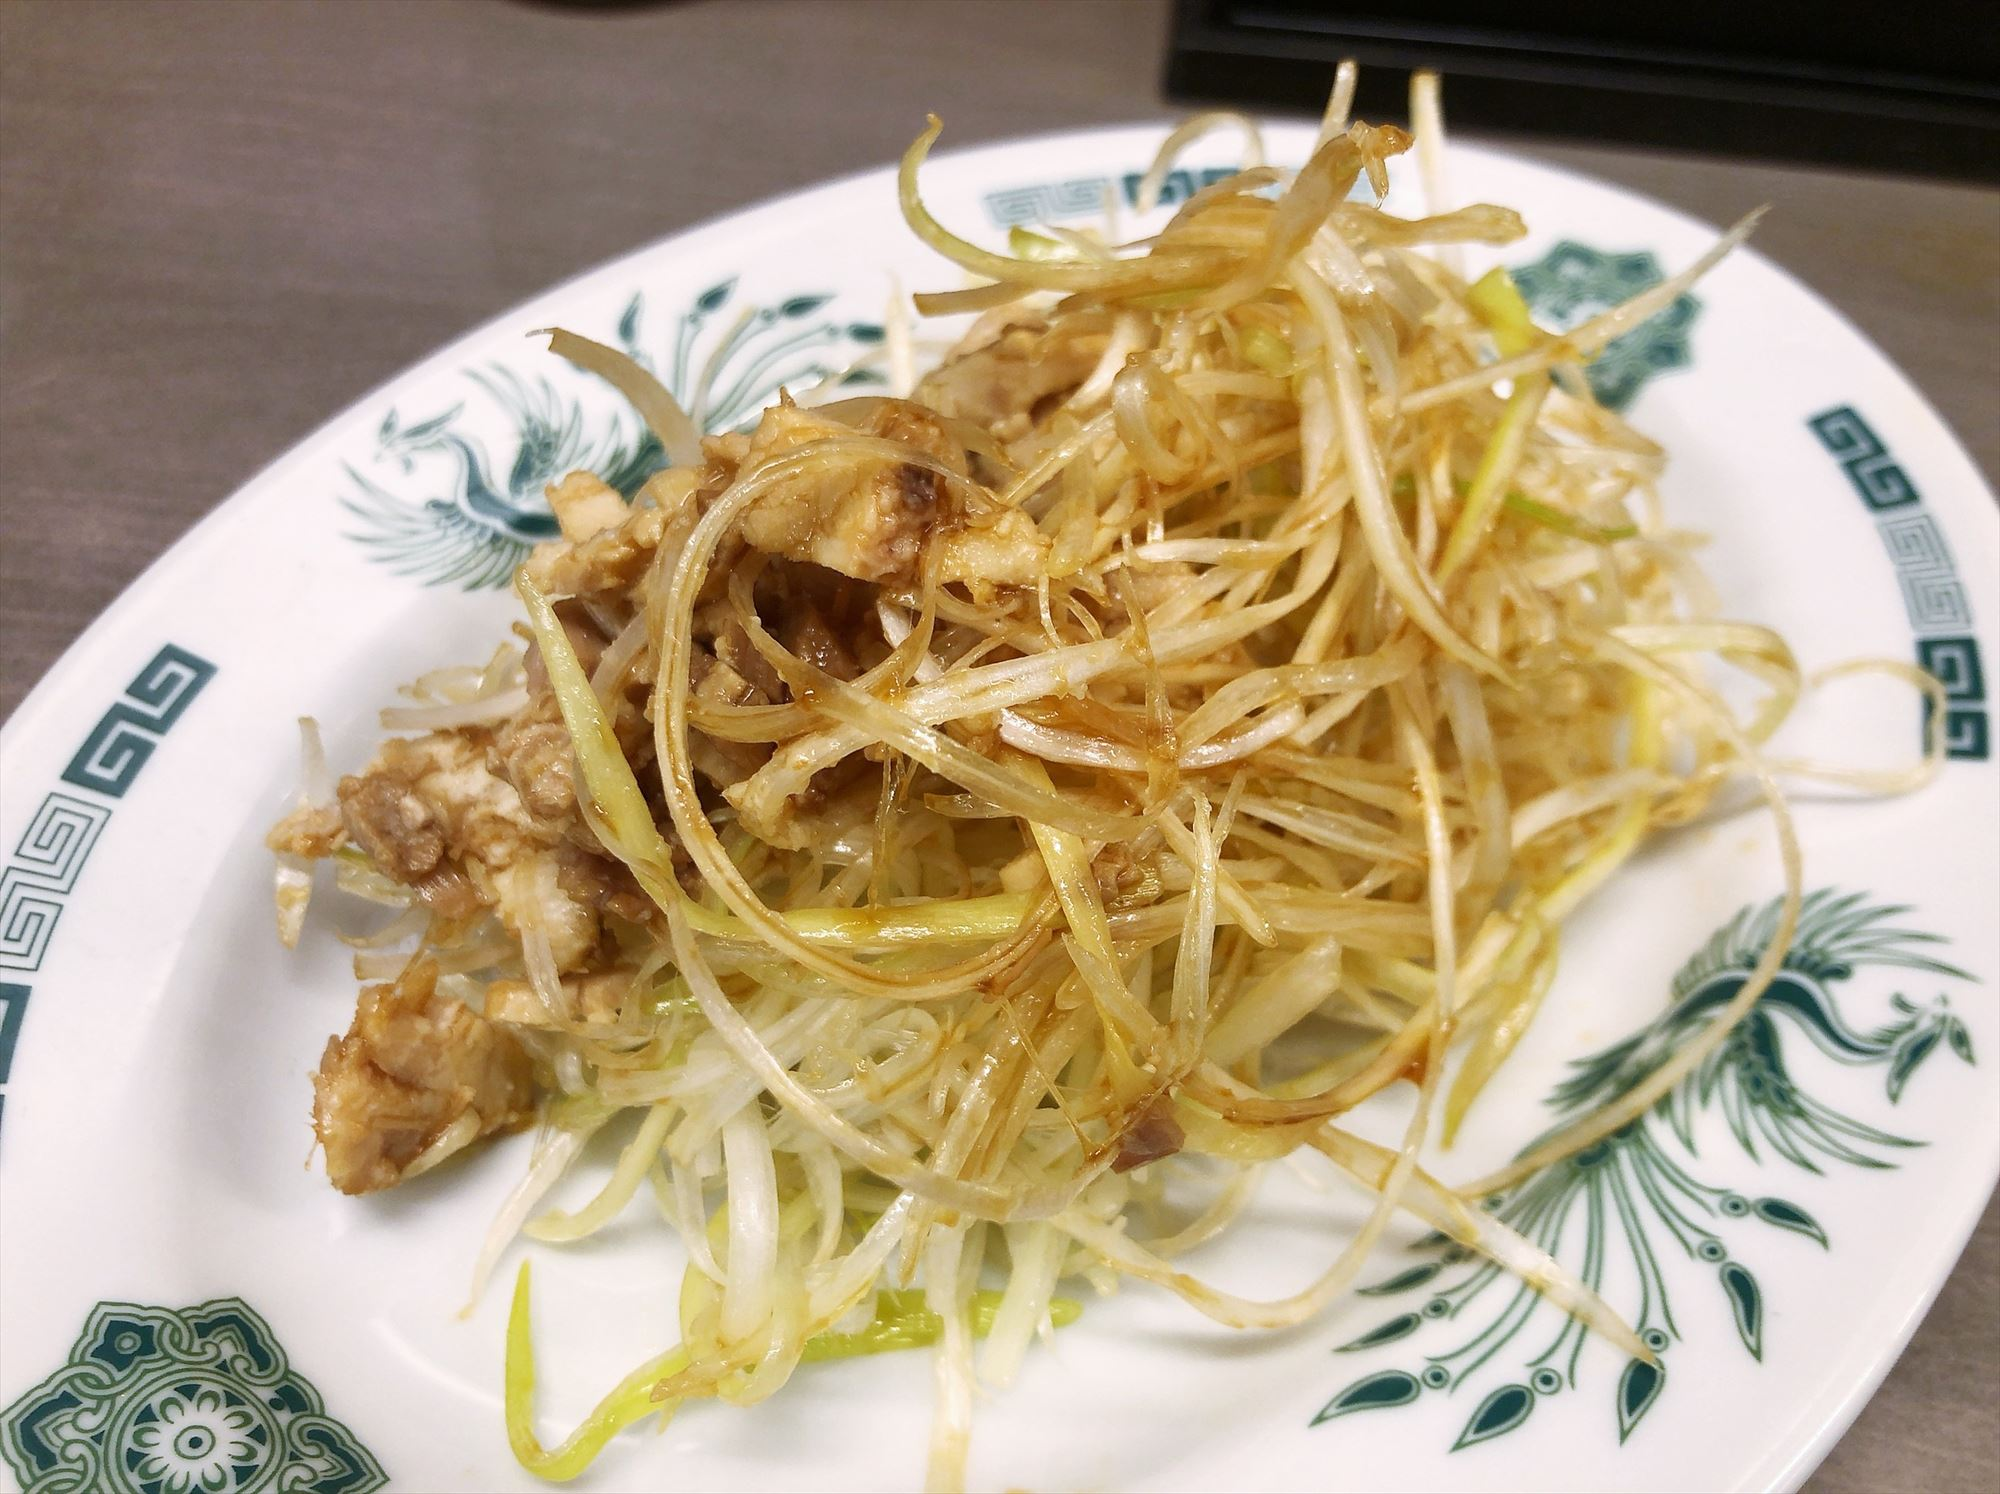 中華料理 来来軒 大宮南銀座店のおつまみネギチャーシュー